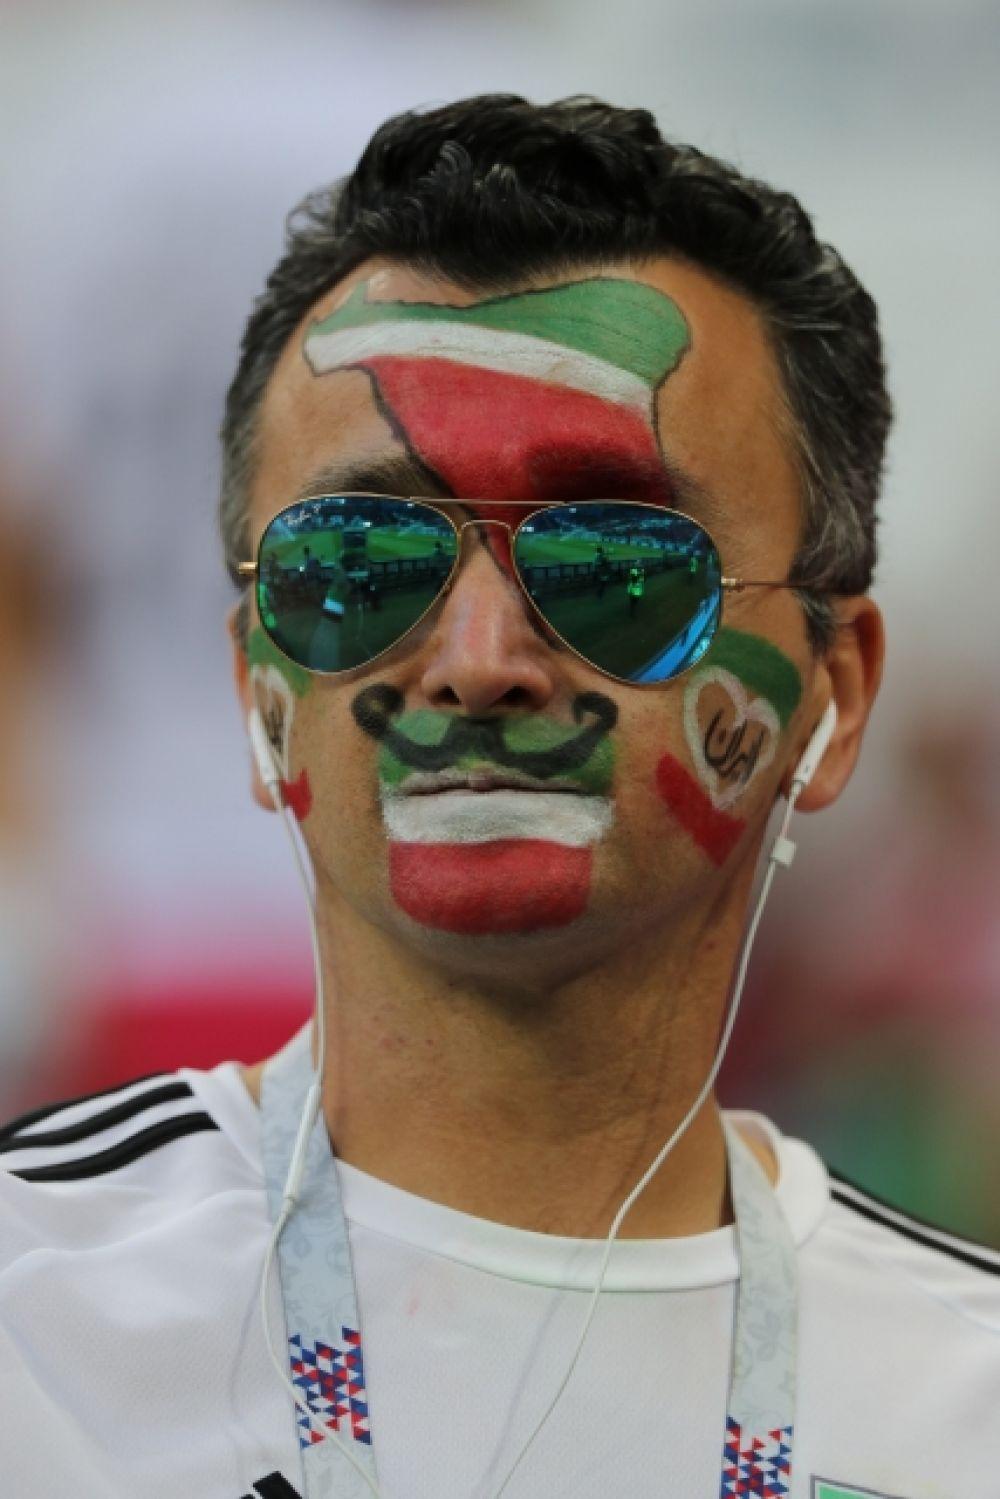 Фанат из Ирана с символикой страны на лице.